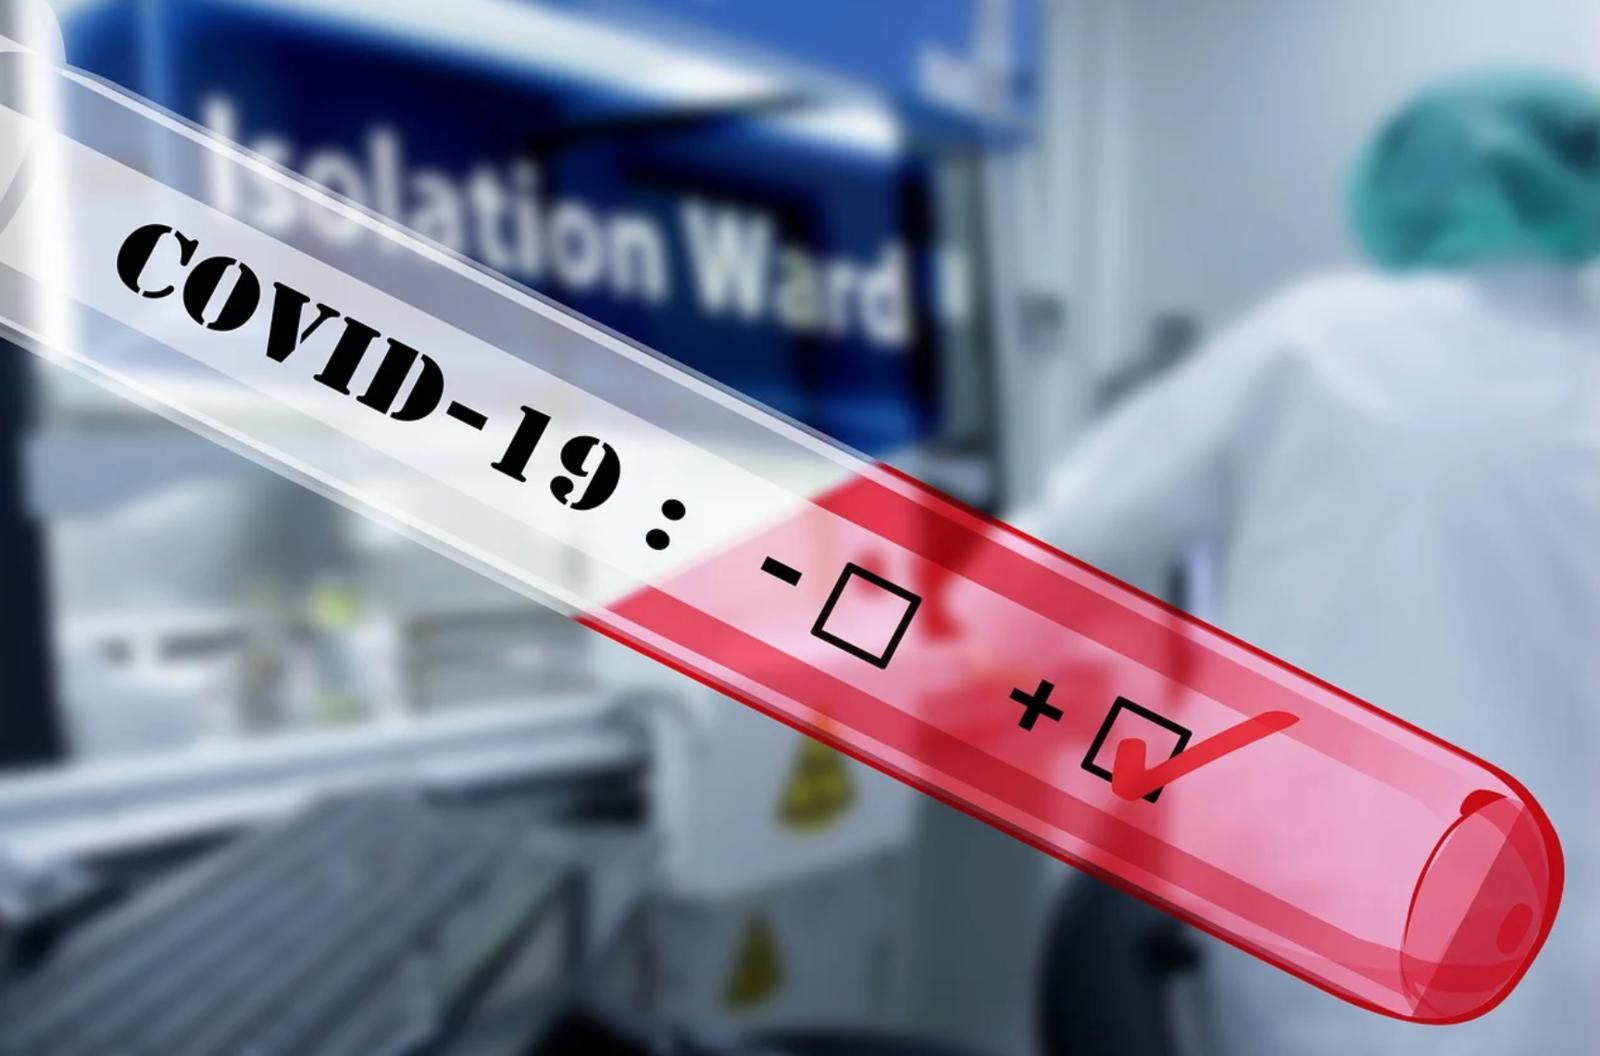 Luchon : jeudi et vendredi, les infirmières libérales vont effectuer des tests Covid-19